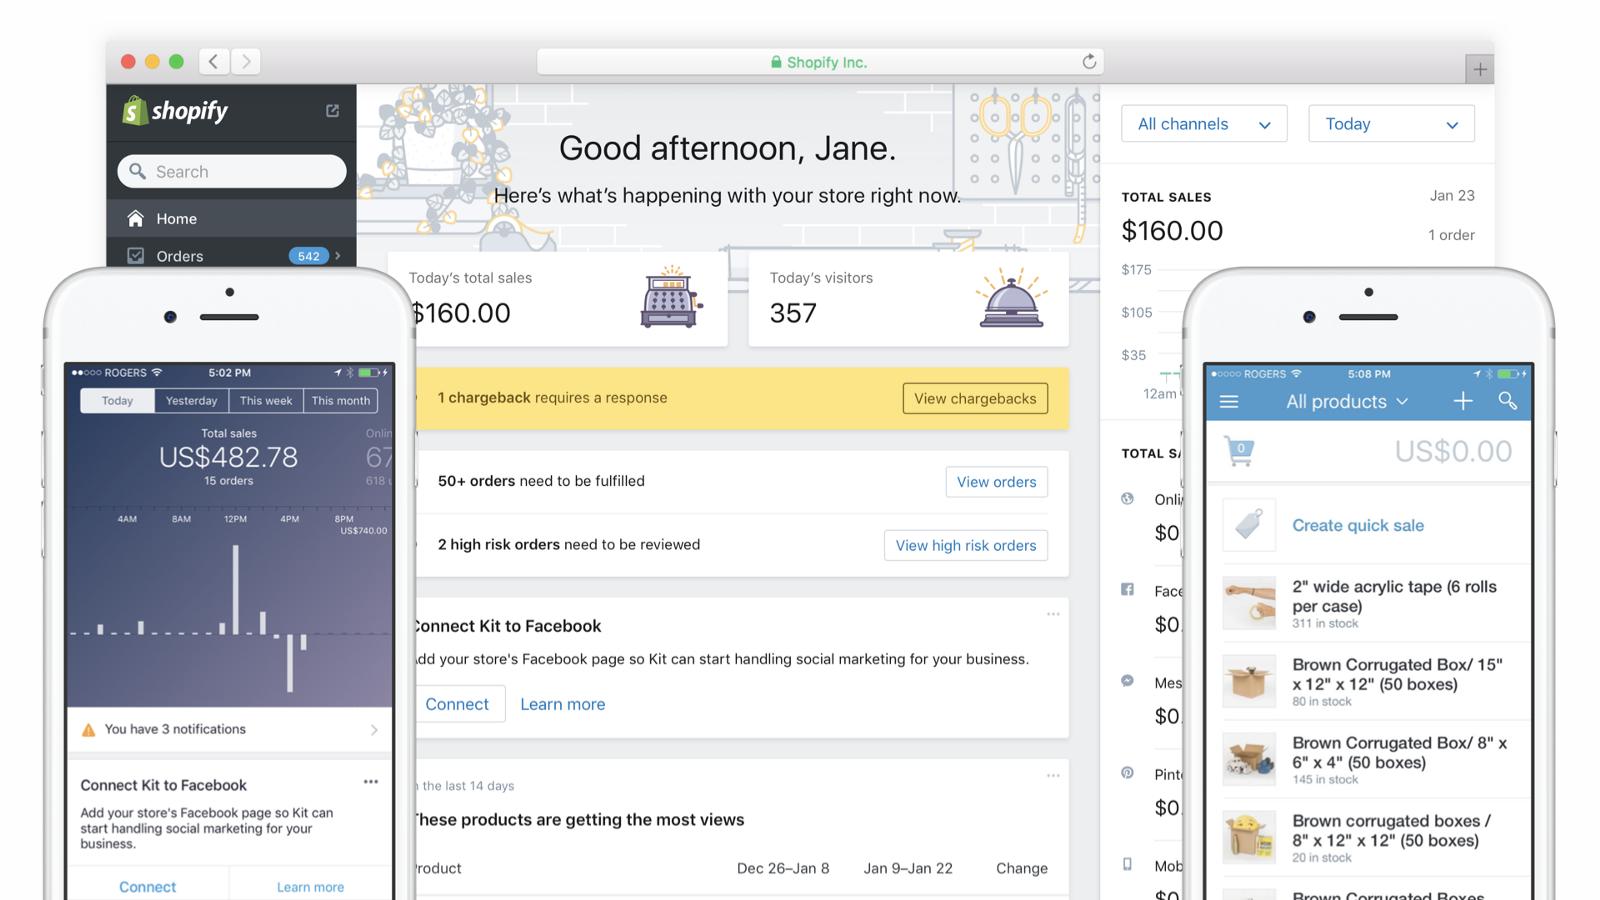 Polarisデザインシステムを実装する前の、Shopifyのモバイル、Web、POSインターフェイスのスクリーンショット。